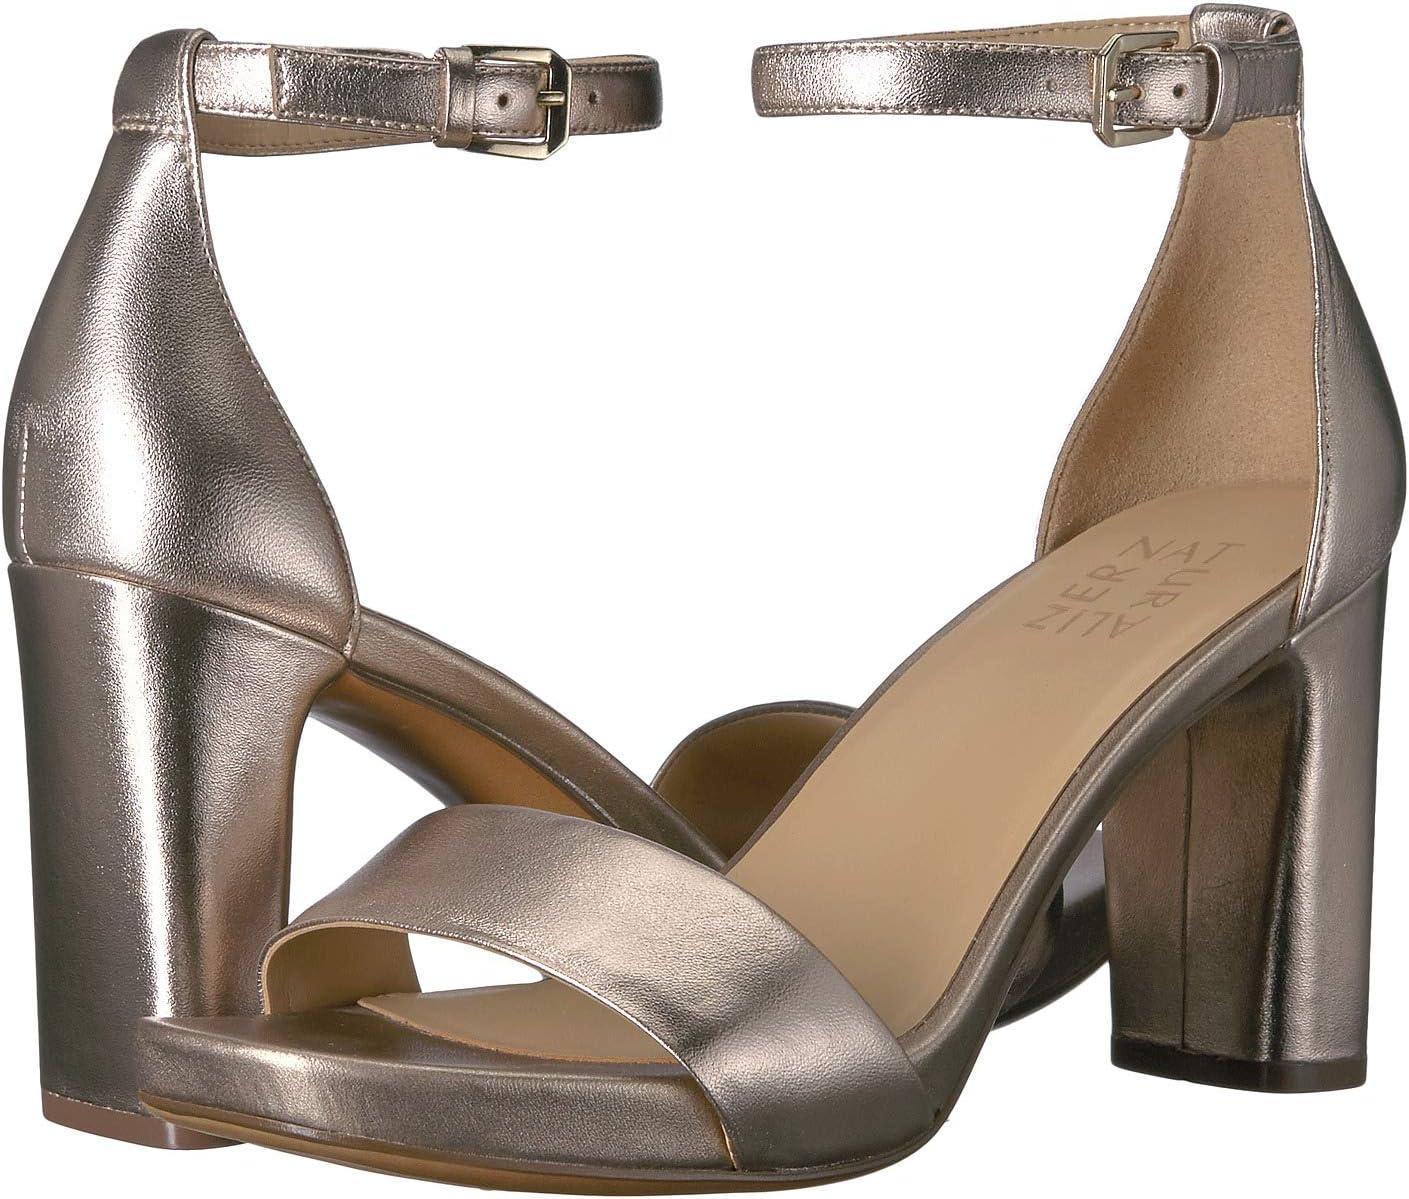 d8bc1257b2 Naturalizer Sandals, Heels, Flats, & Boots | Zappos.com